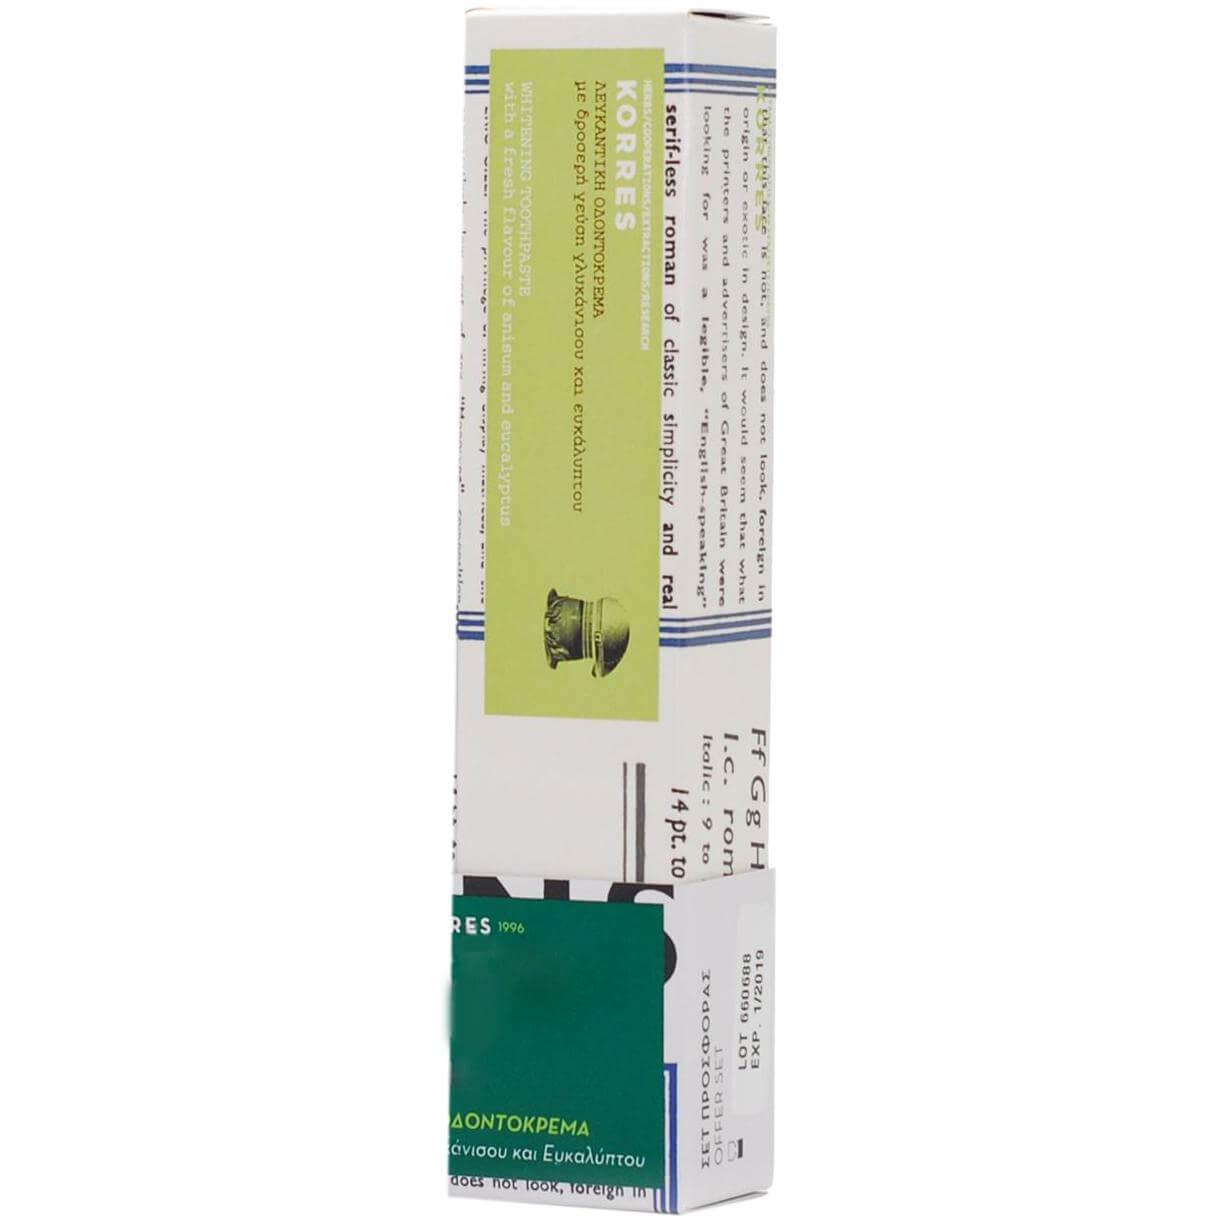 Korres Λευκαντική Οδοντόκρεμα Γλυκάνισος & Ευκάλυπτος 75ml